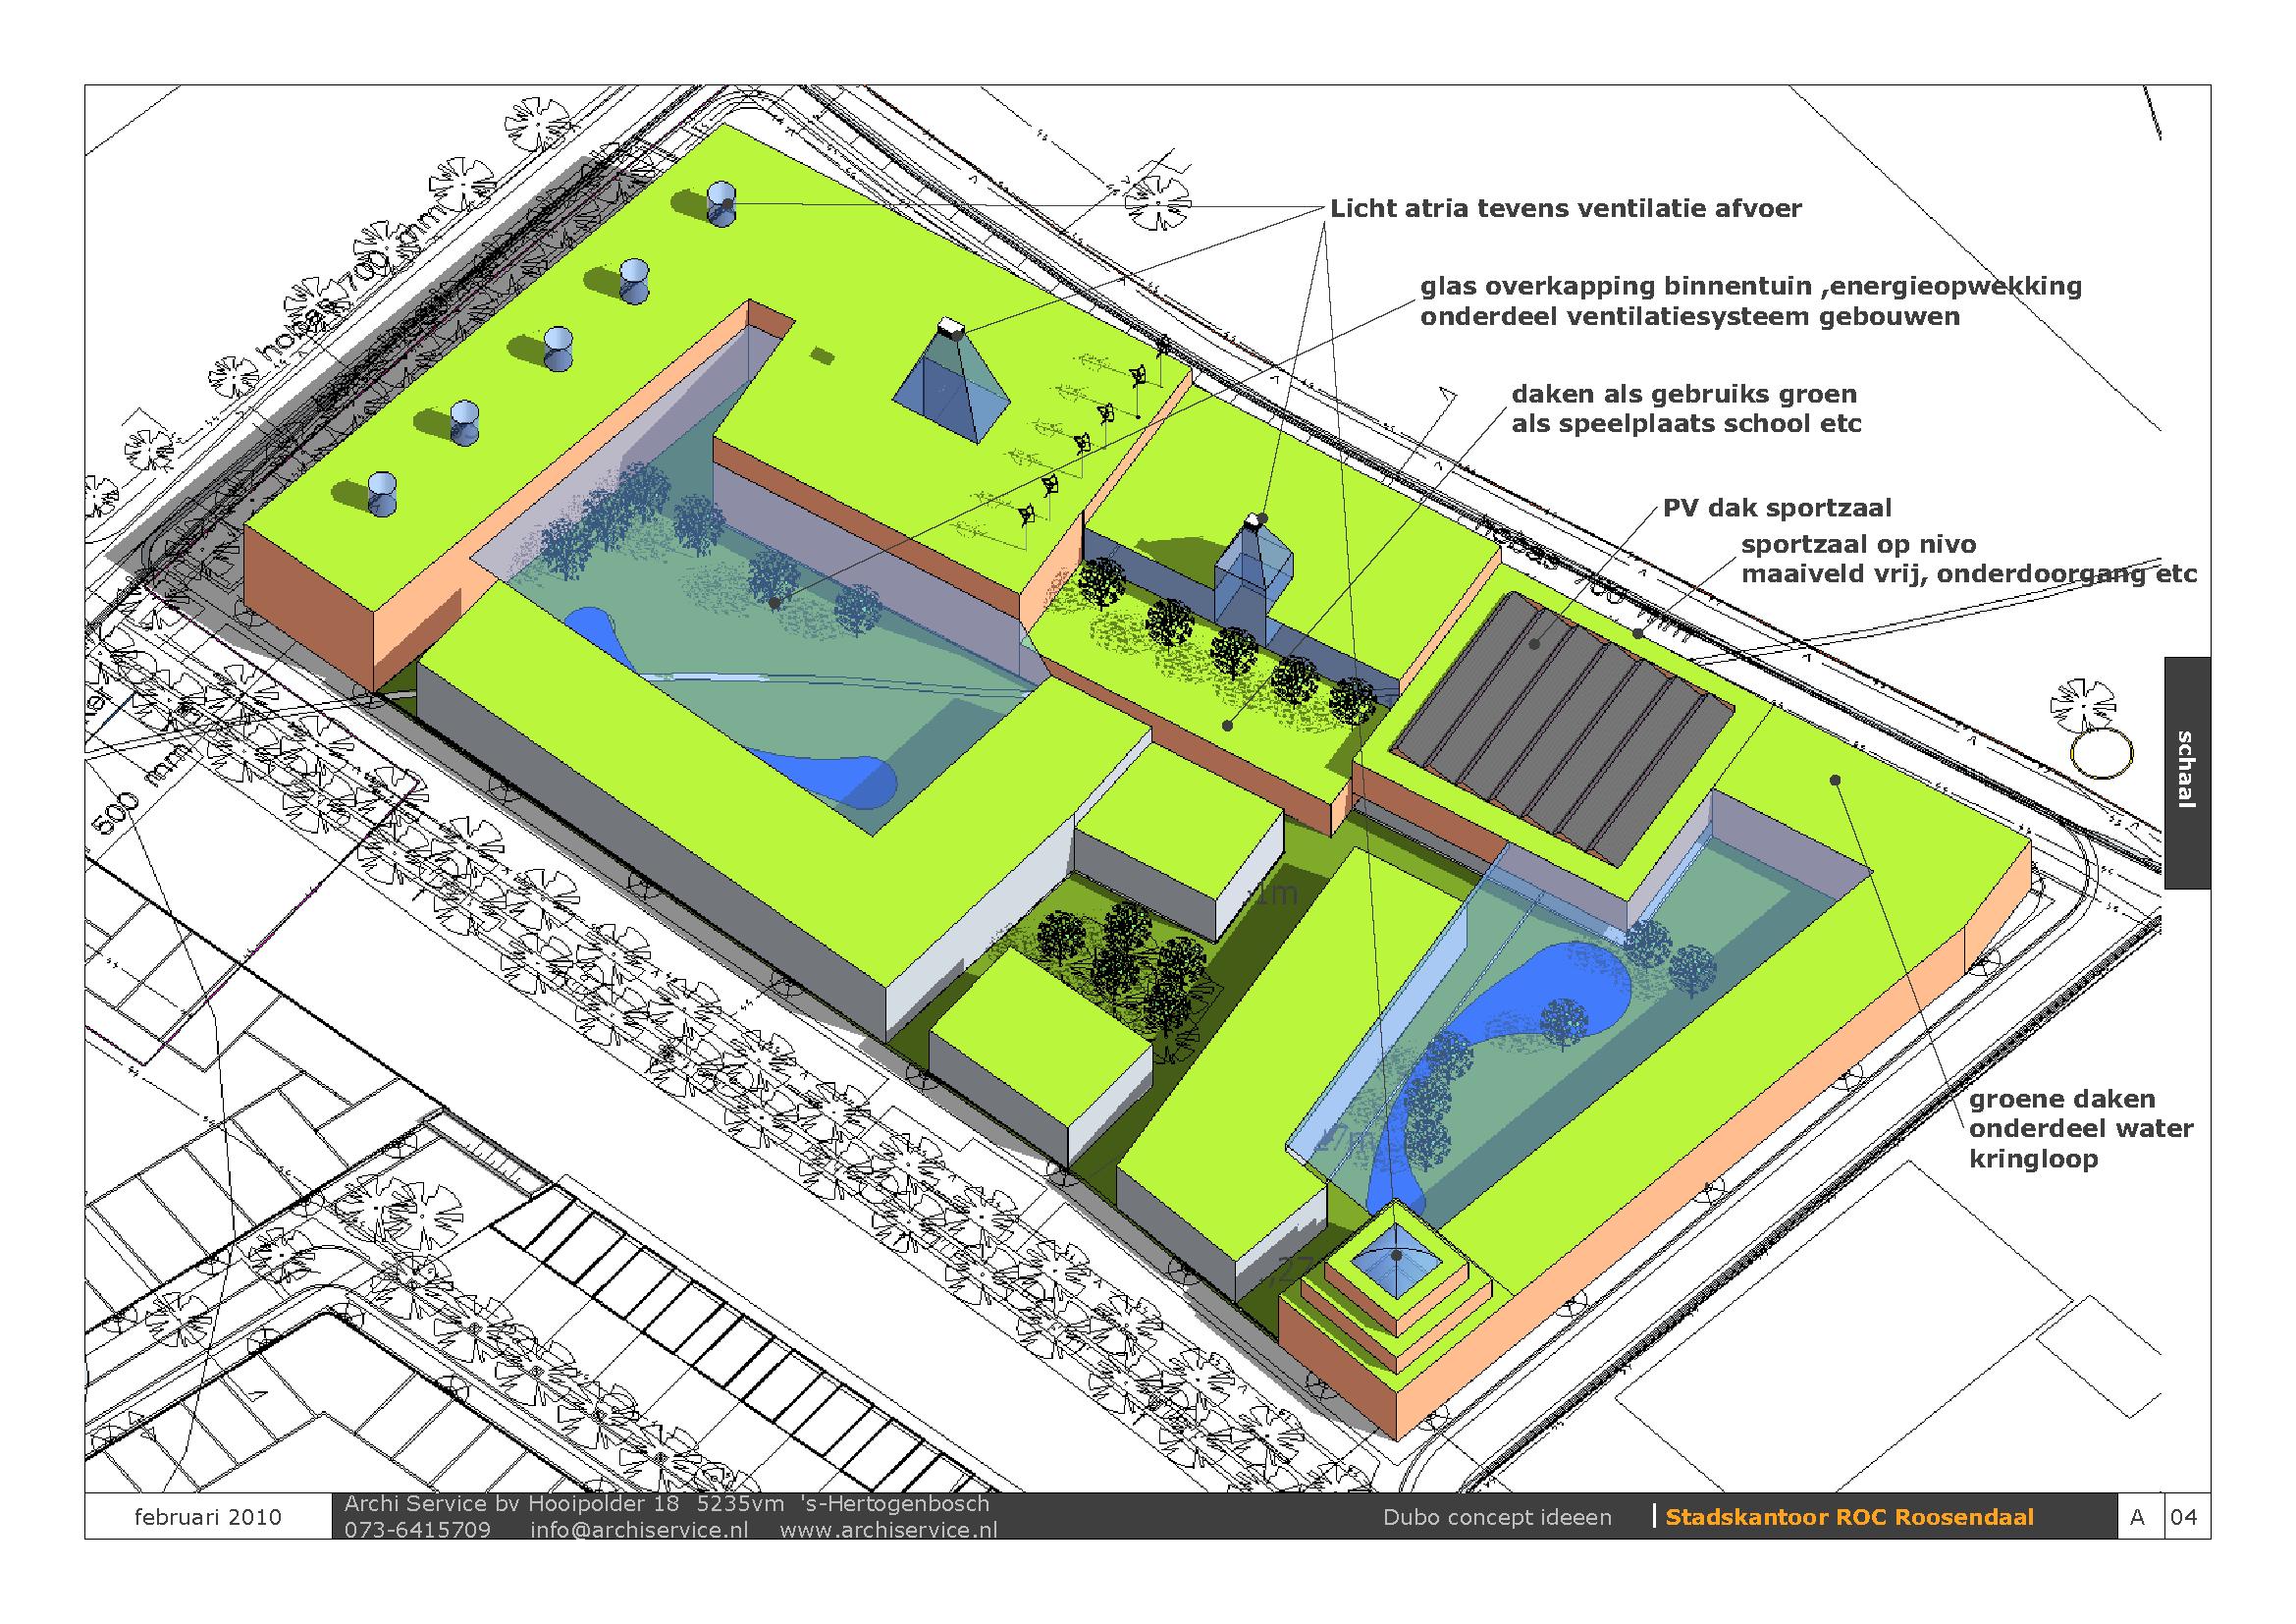 Idee concept stadskantoor Roc Roosendaal